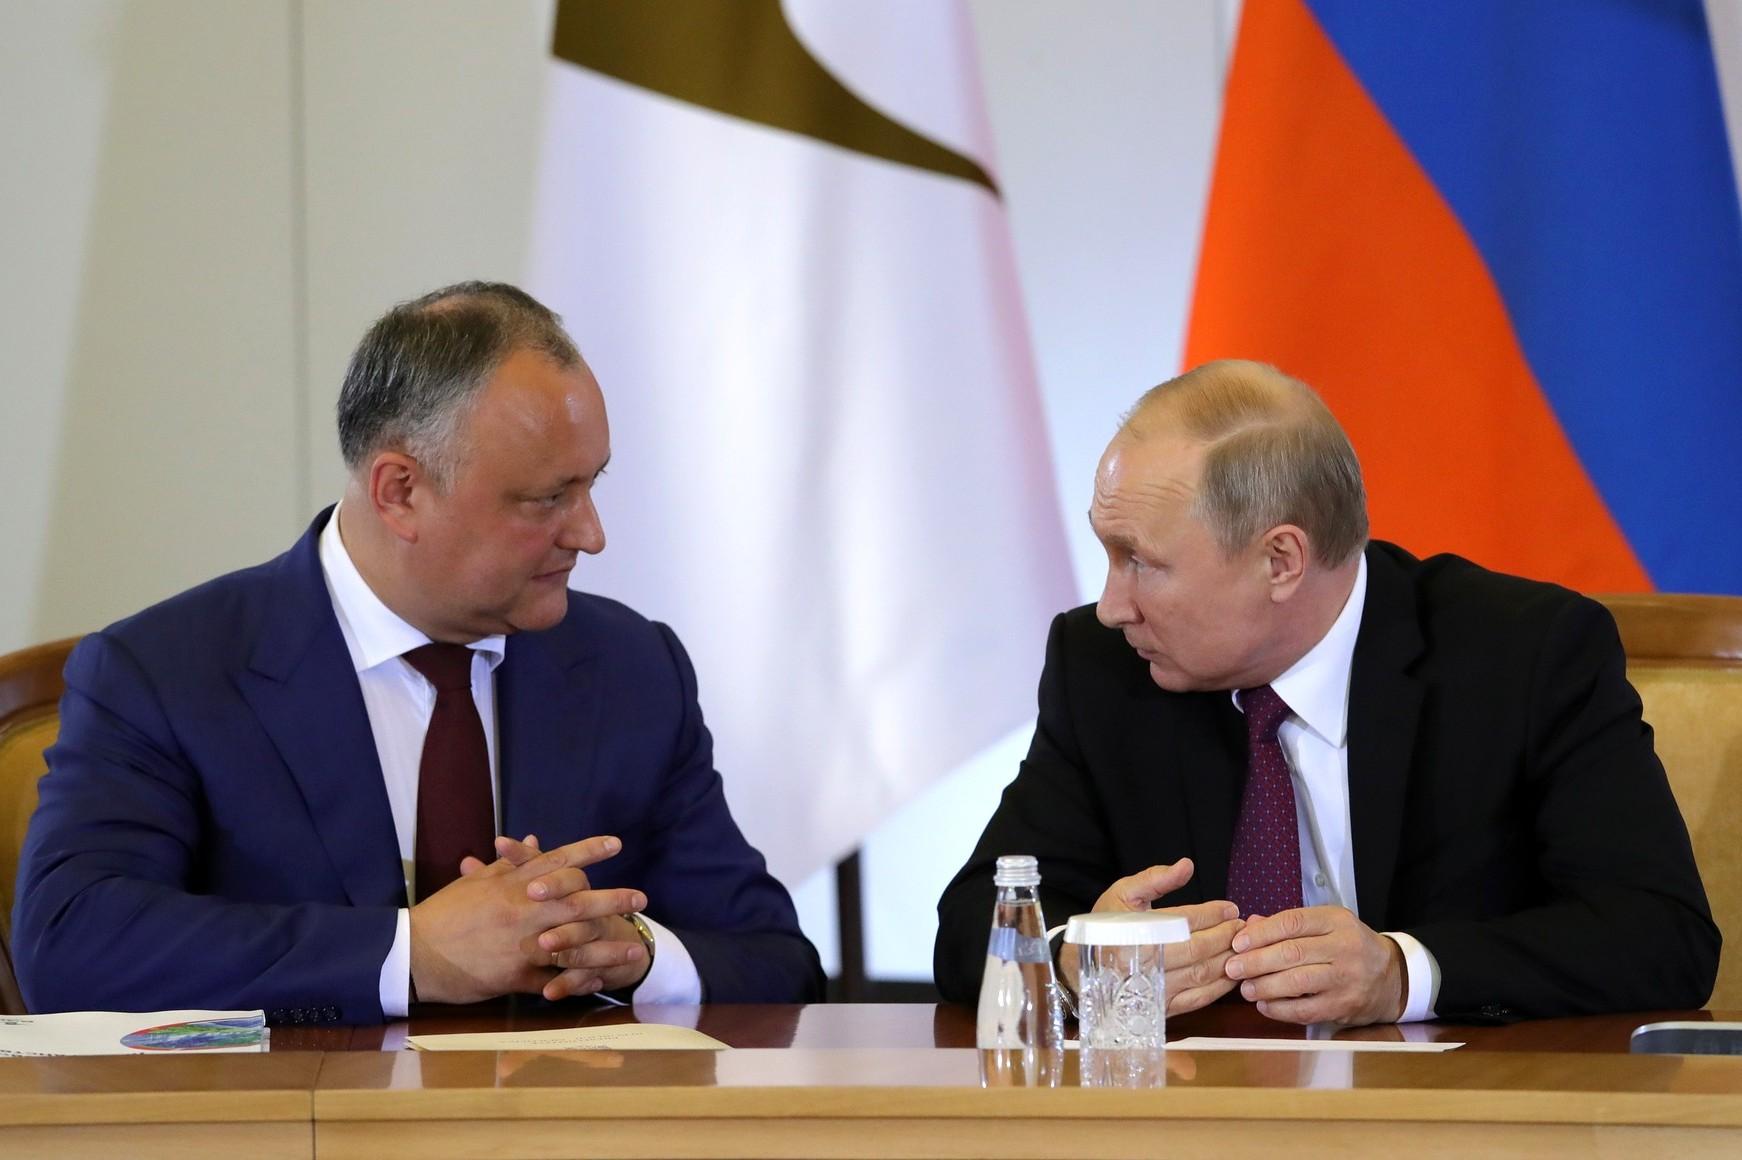 Predsednik Moldavije Igor Dodon tokom sastanka sa predsednikom Rusije Vladimirom Putinom, Soči, 14. maj 2018. (Foto: kremlin.ru)